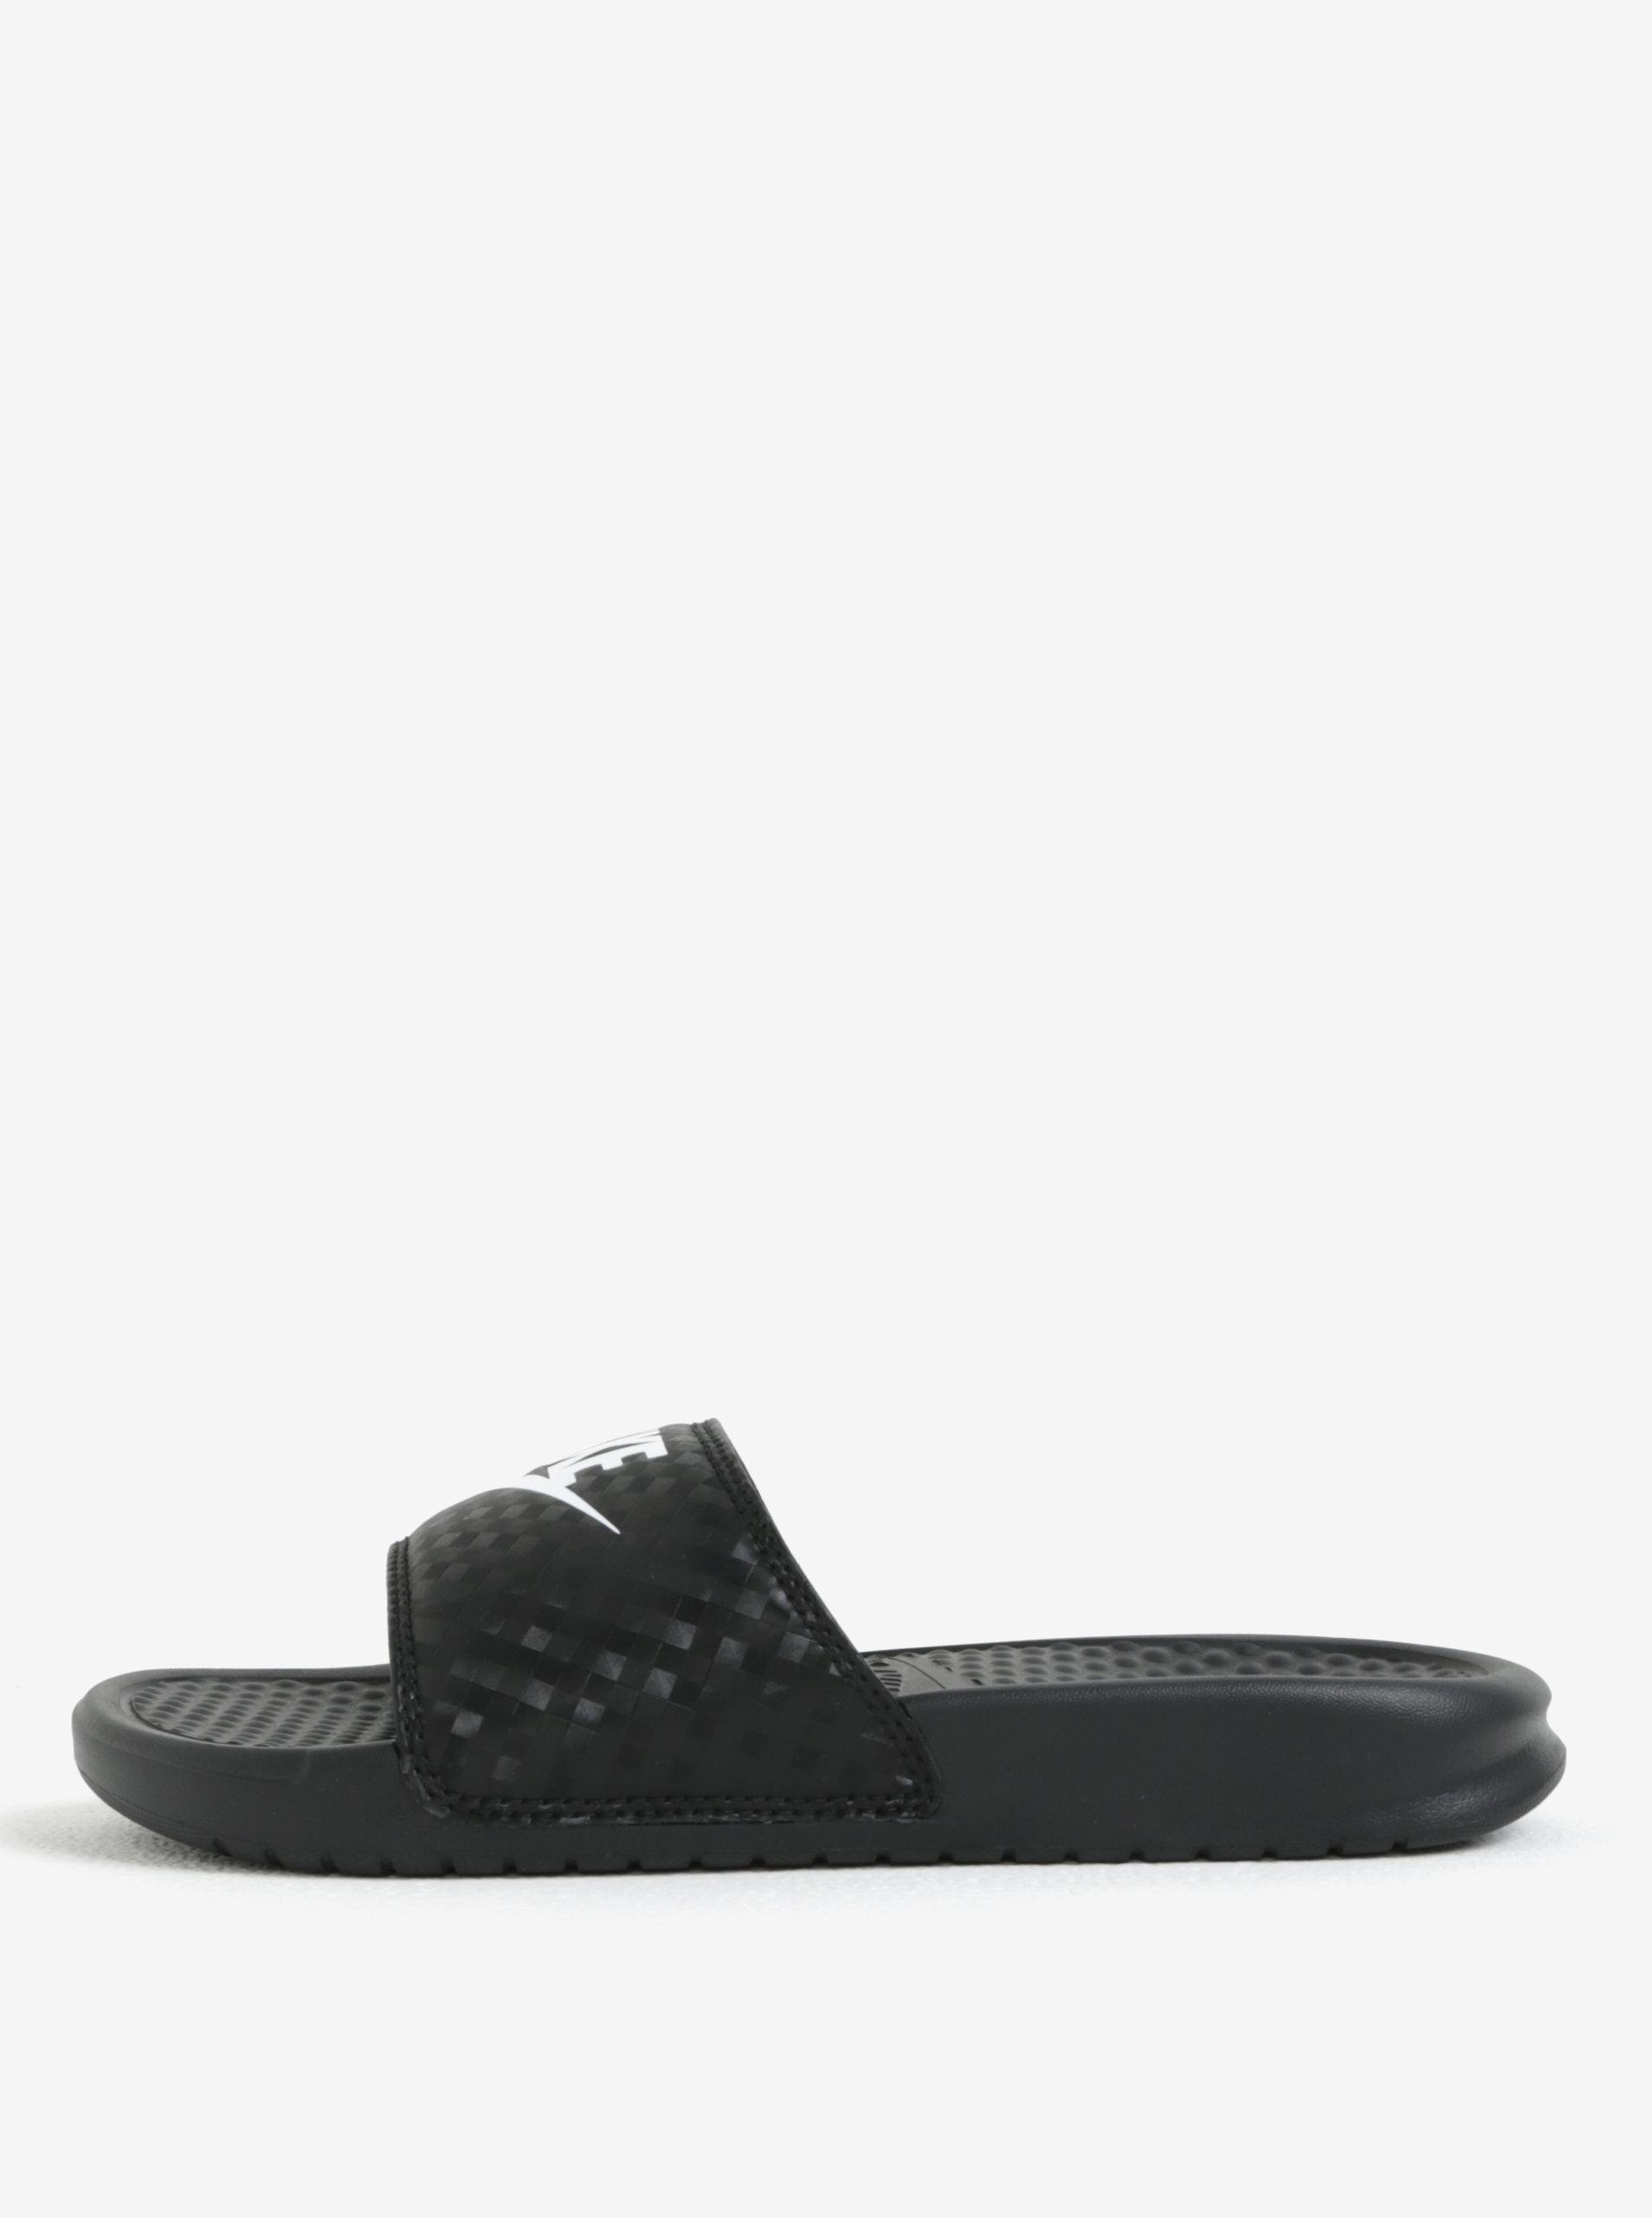 2623c16f2727 Černé dámské pantofle Nike Benassi Jdi ...